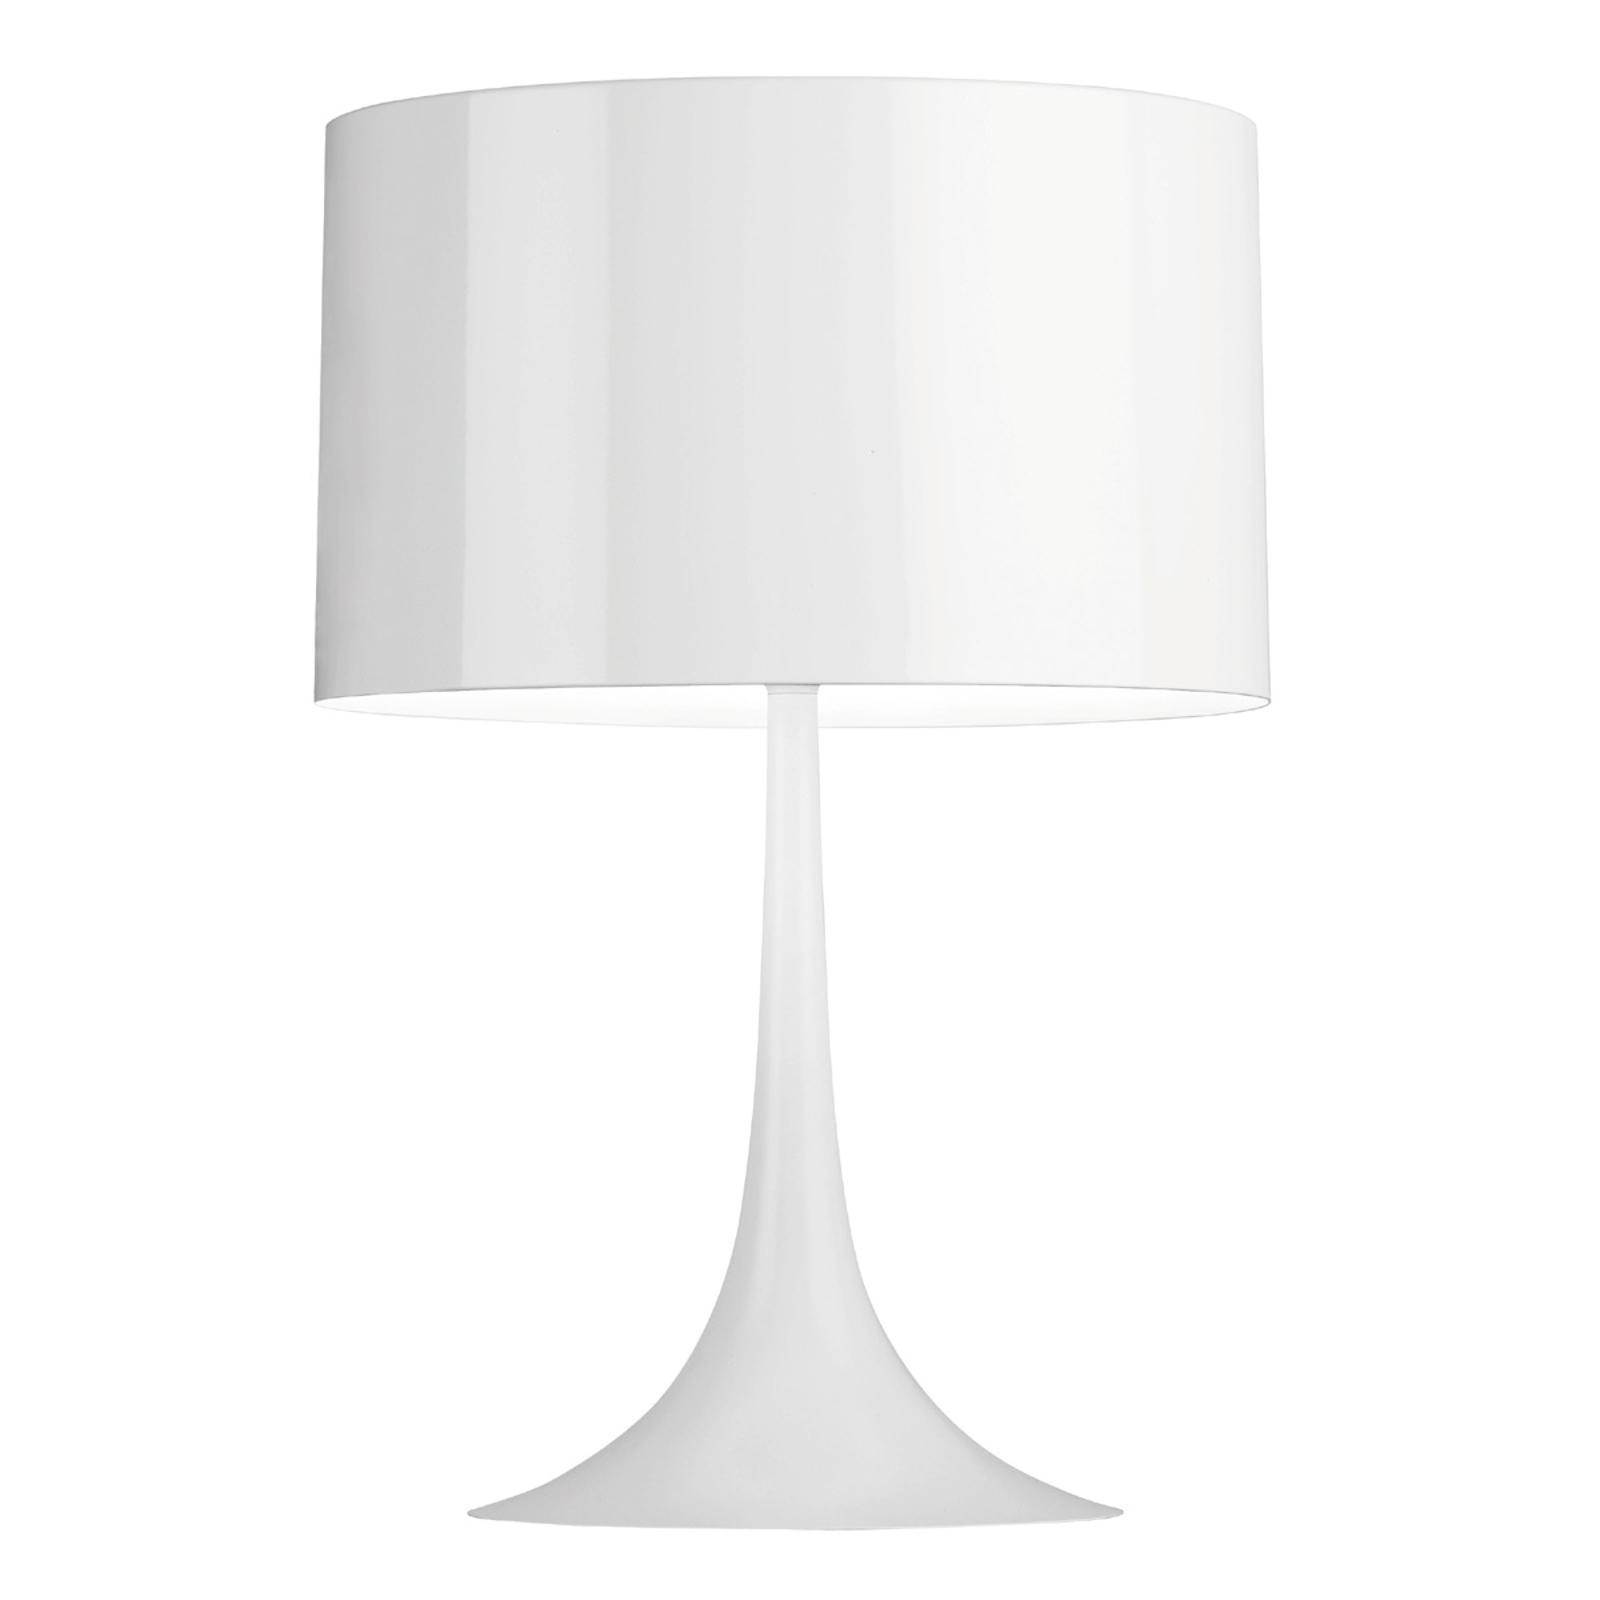 FLOS Spun Light T1 - weiße Tischleuchte